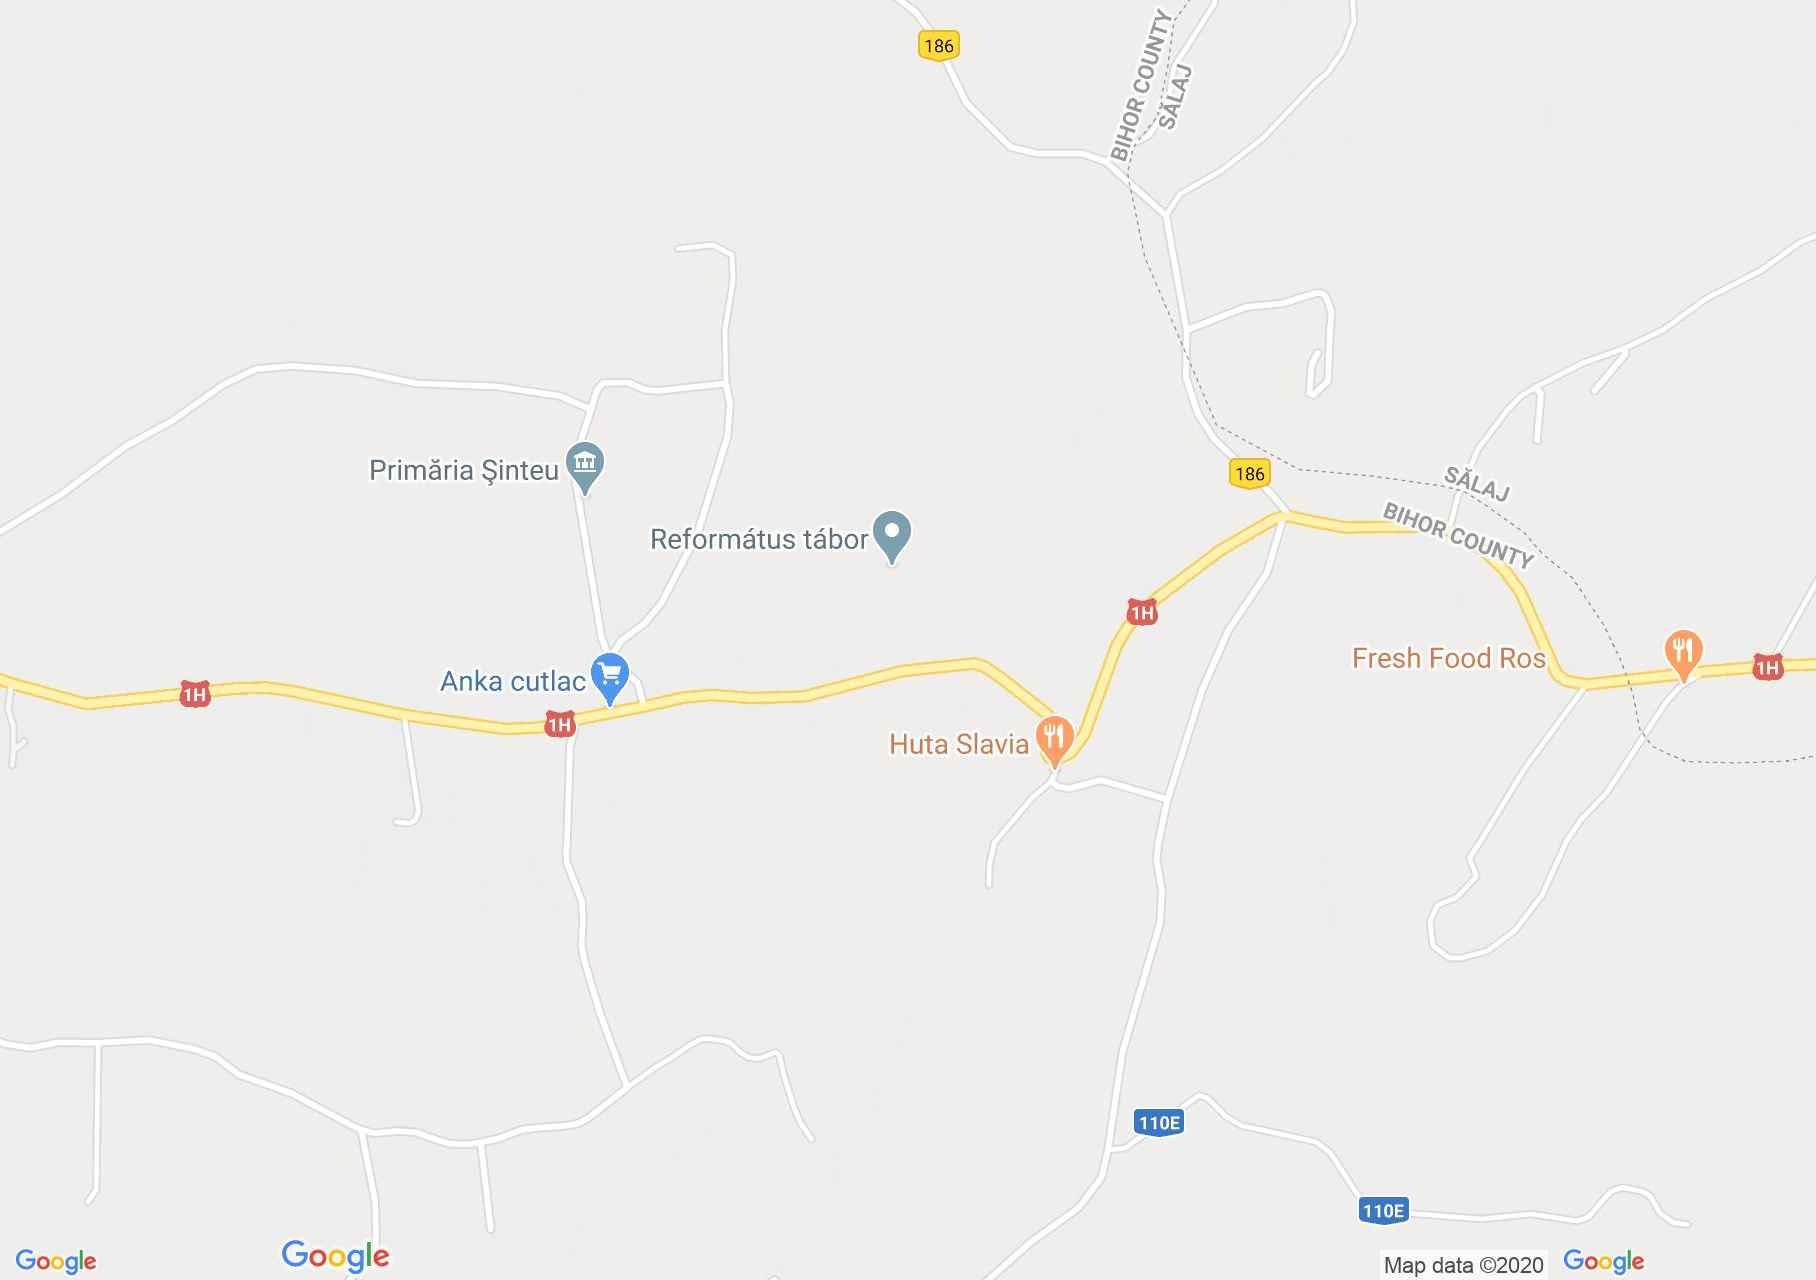 Şinteu, Harta turistică interactivă